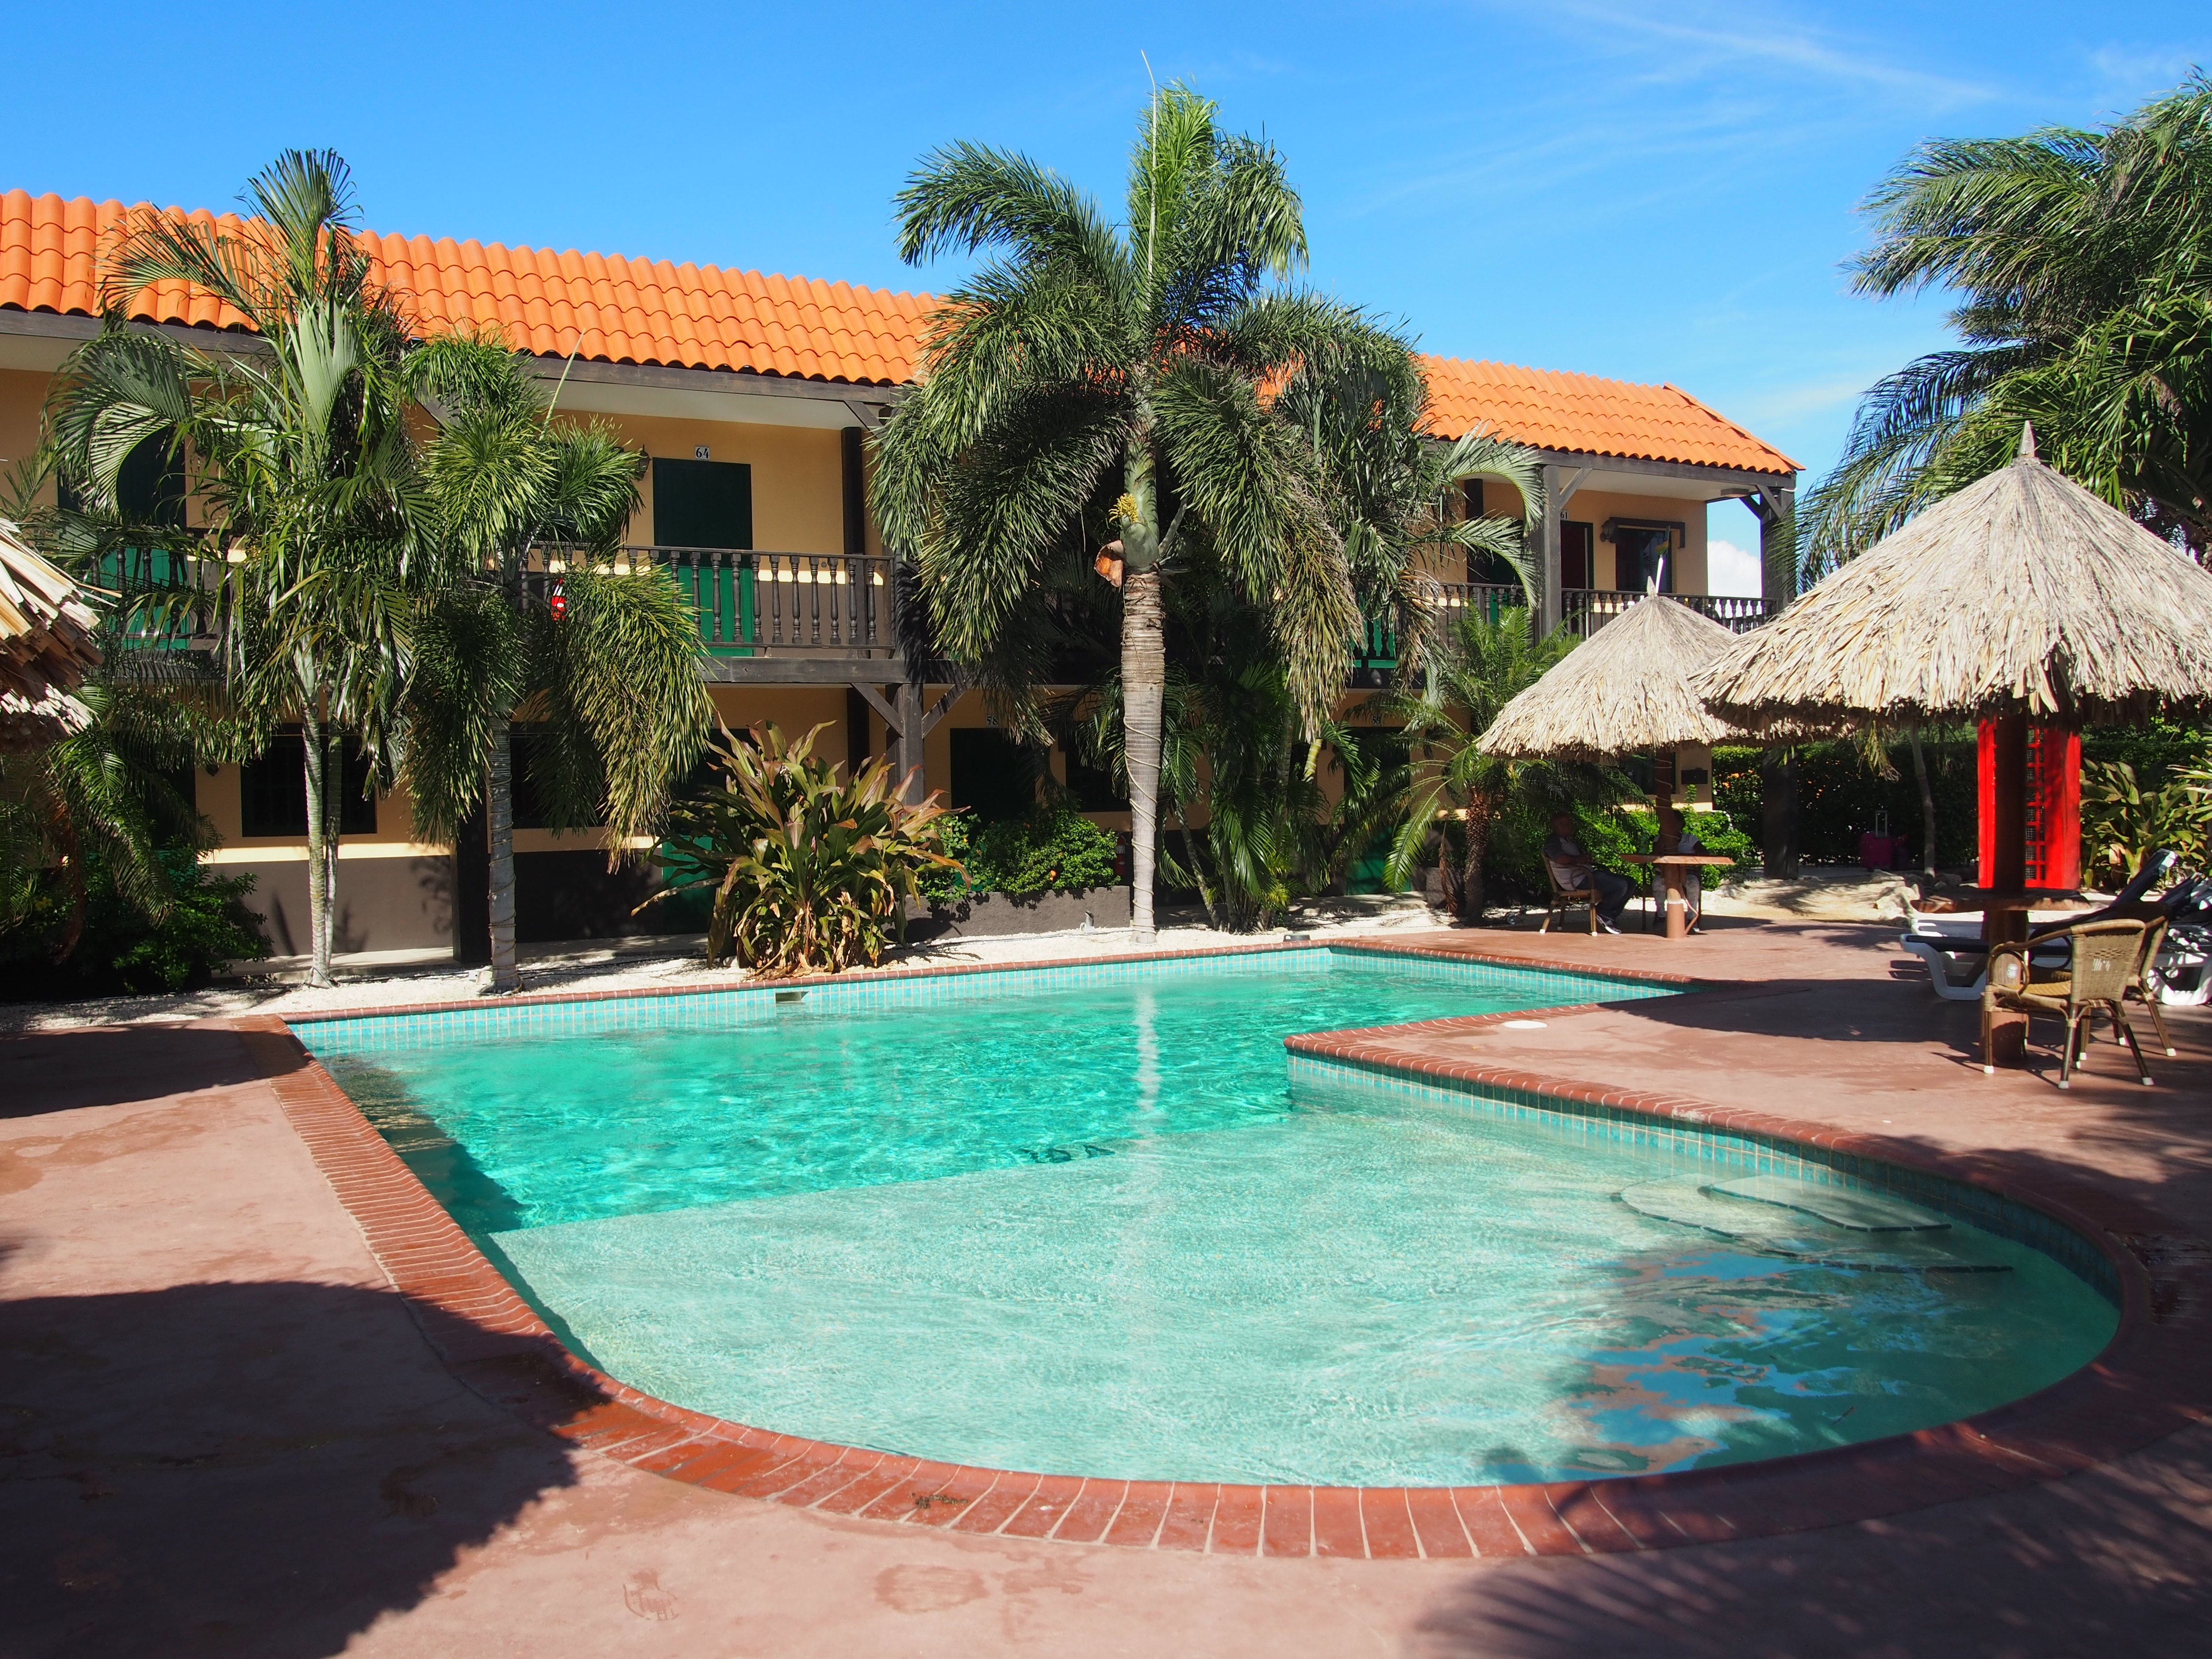 Aruba Perle D'or hotel